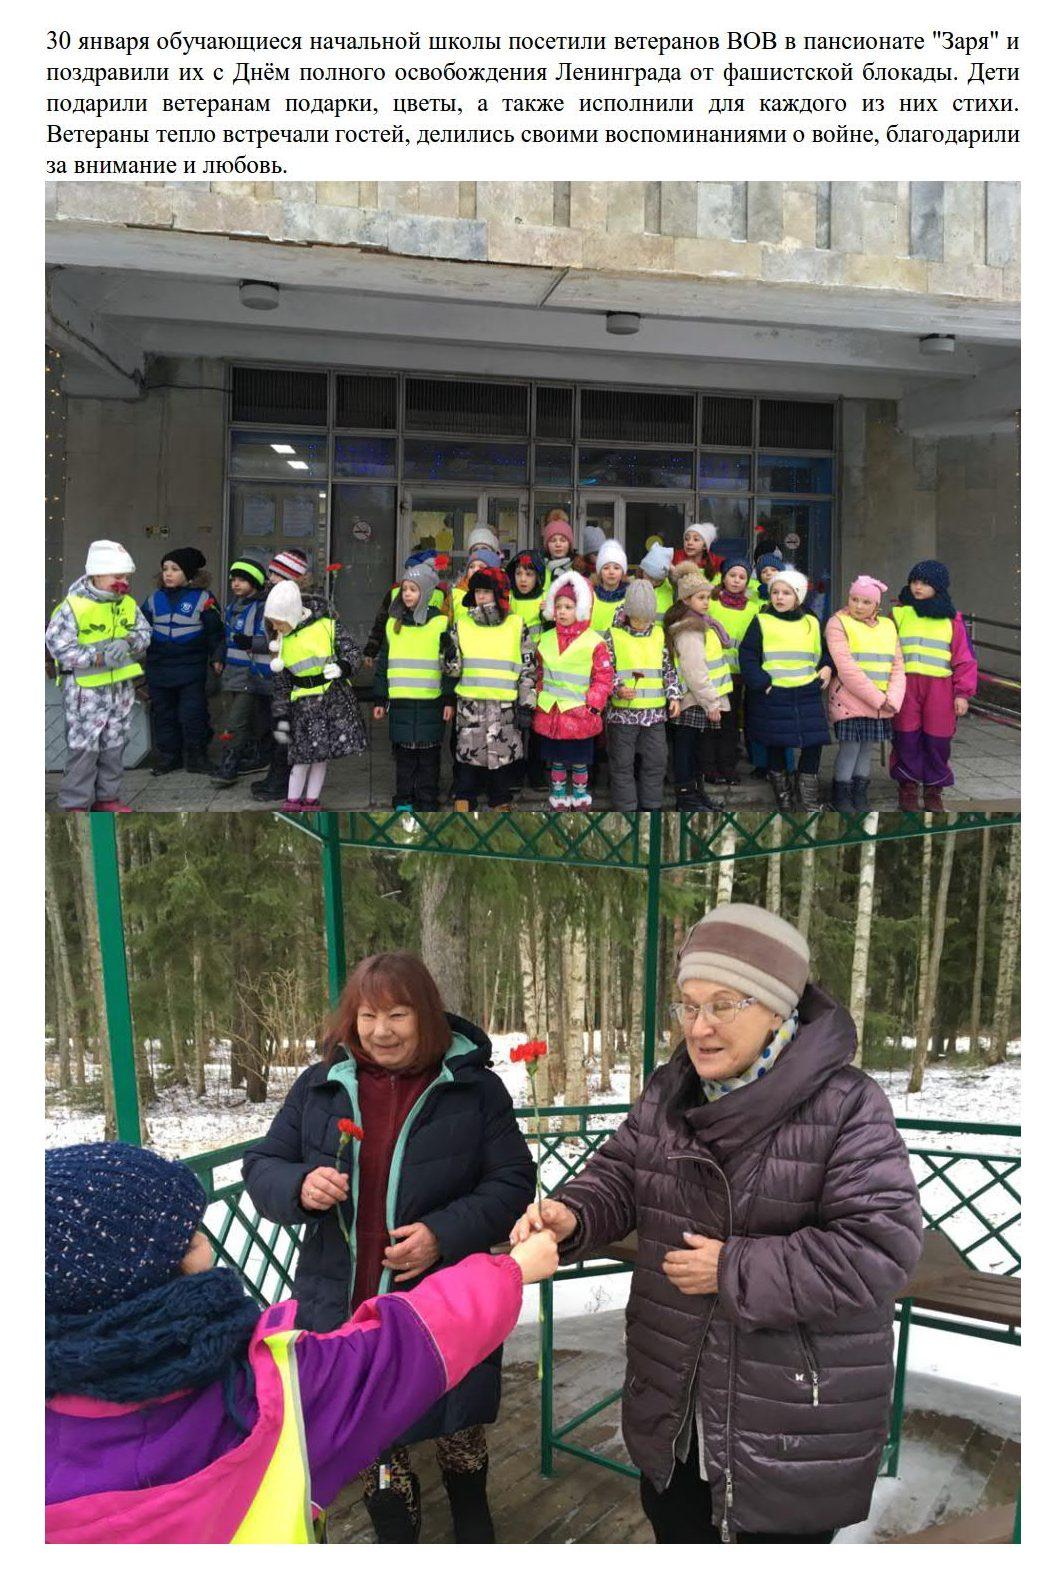 30 января обучающиеся начальной школы посетили ветеранов ВОВ в пансионате Заря _1